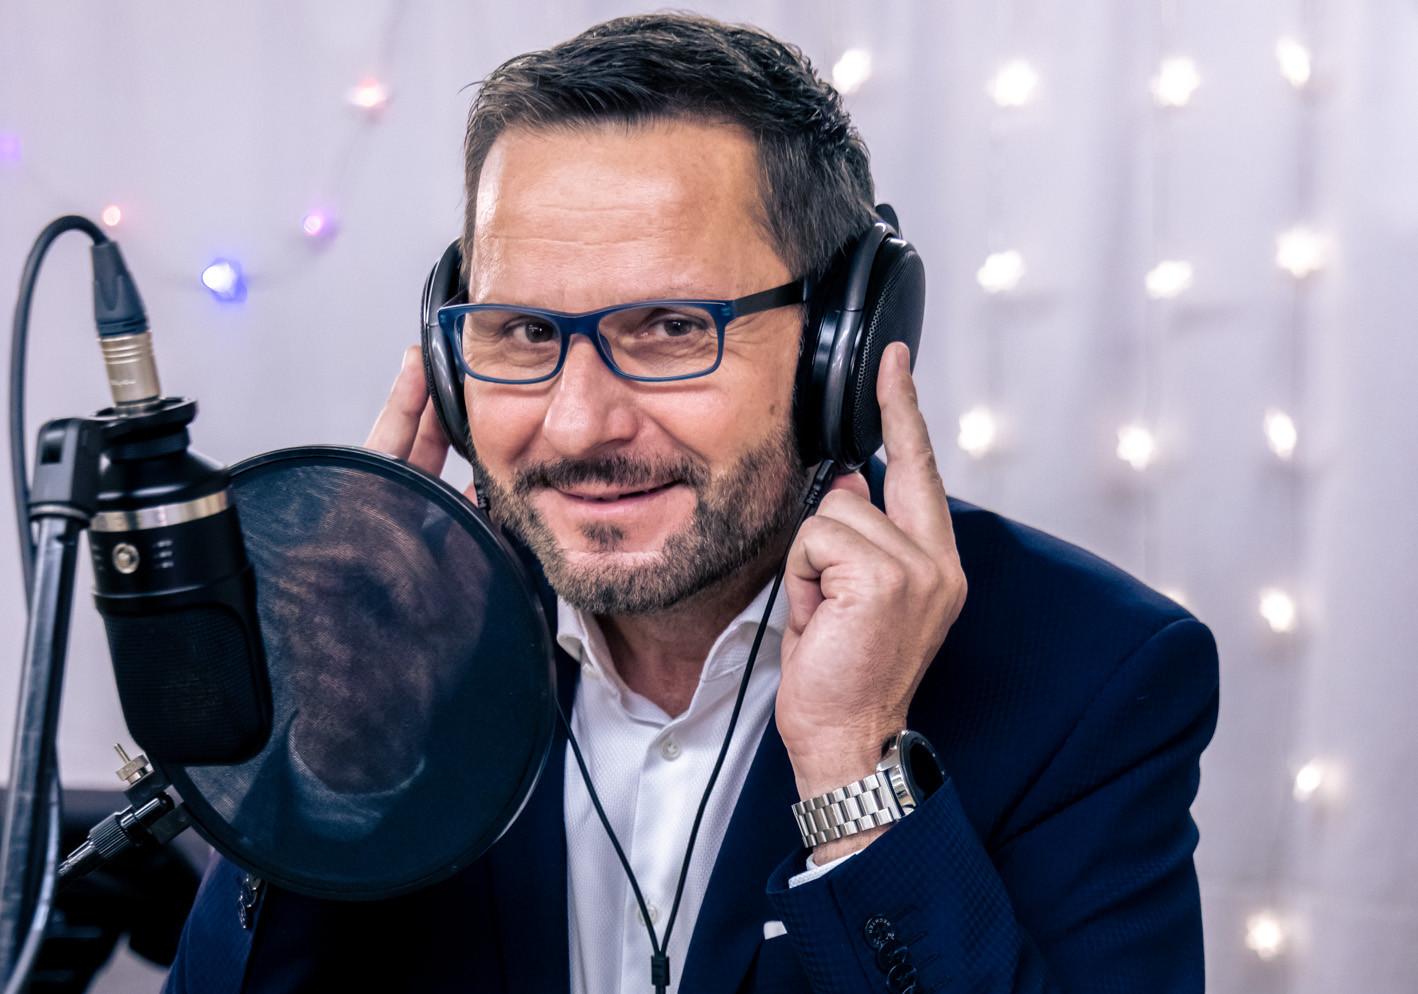 Martin Himmelbauer